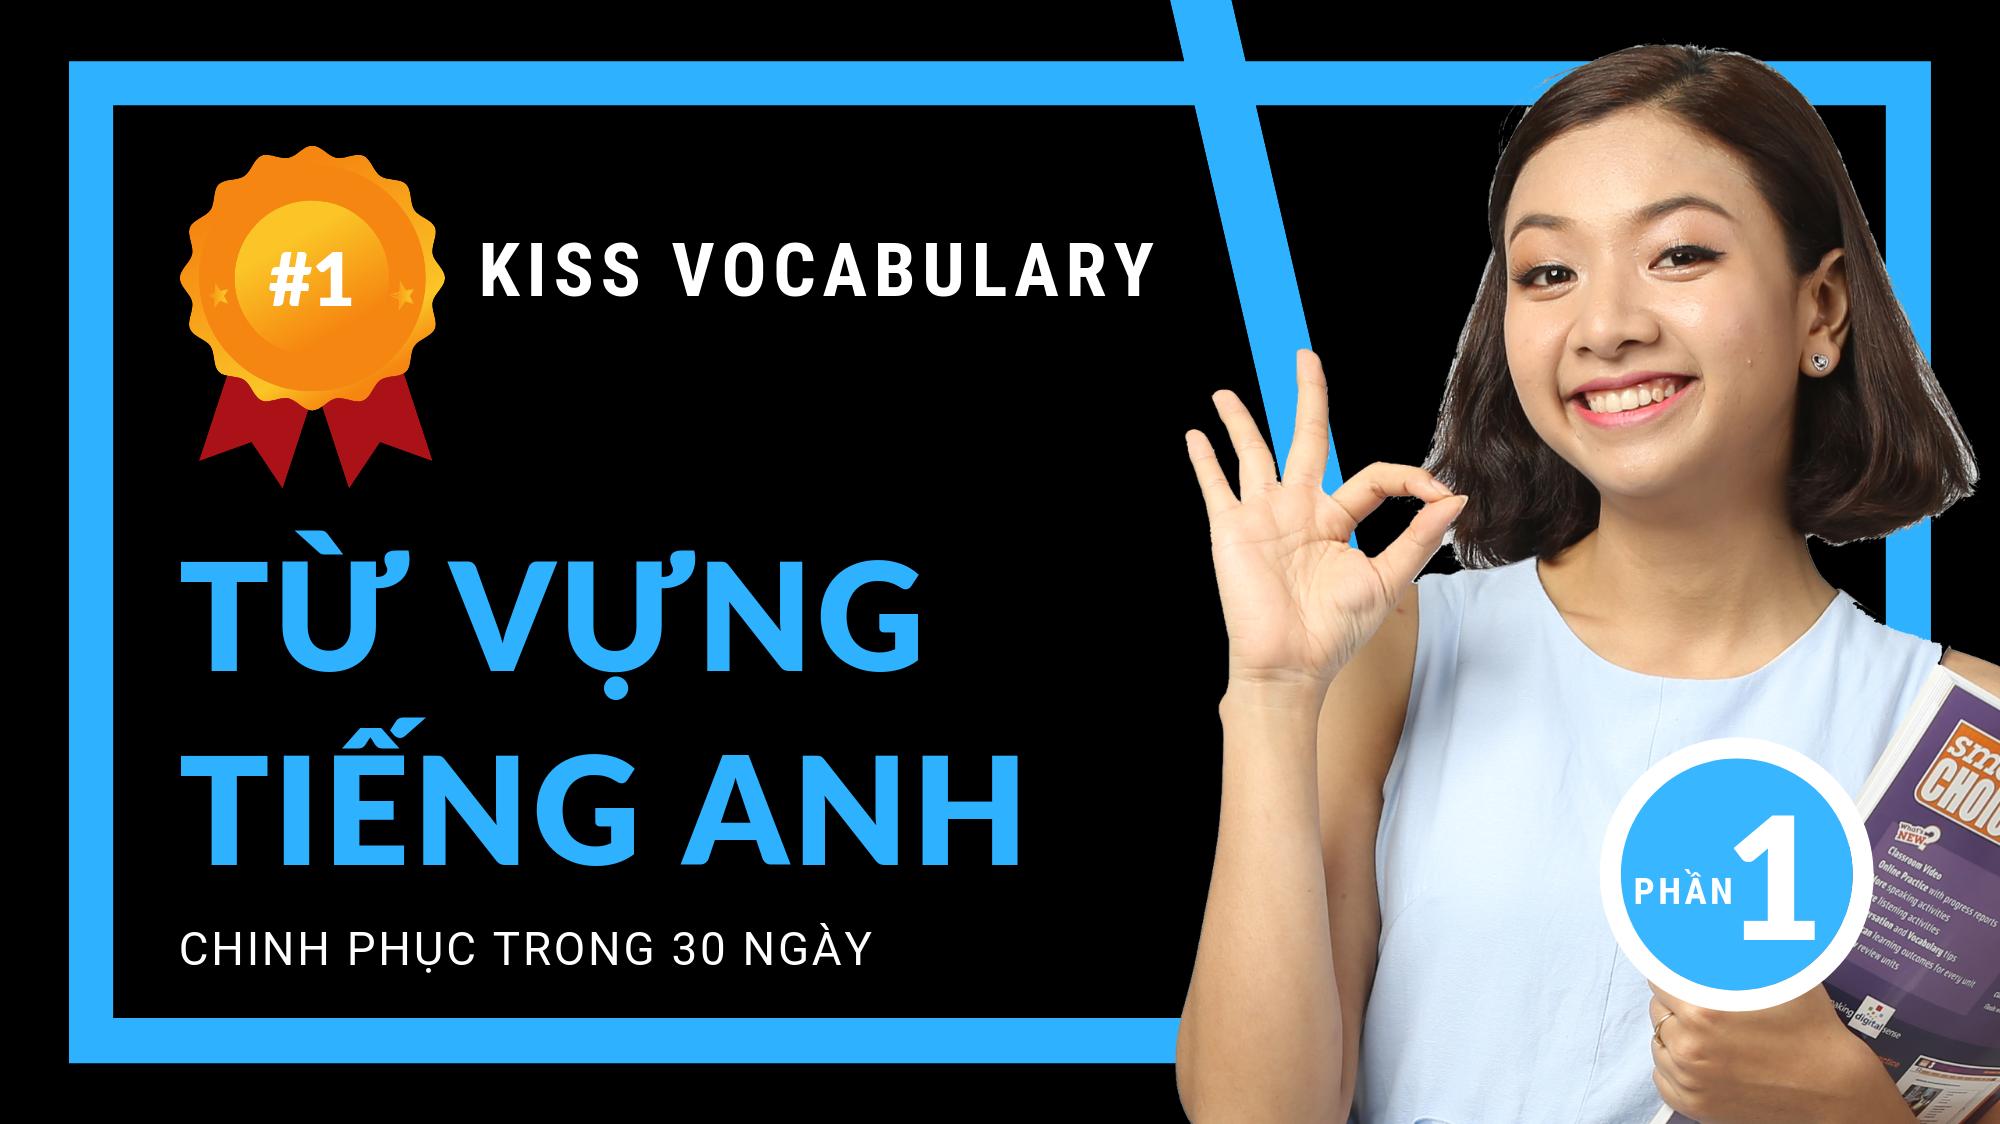 CHINH PHỤC TỪ VỰNG TIẾNG ANH - KISS VOCABULARY - ĐỘNG TỪ (PHẦN 1)